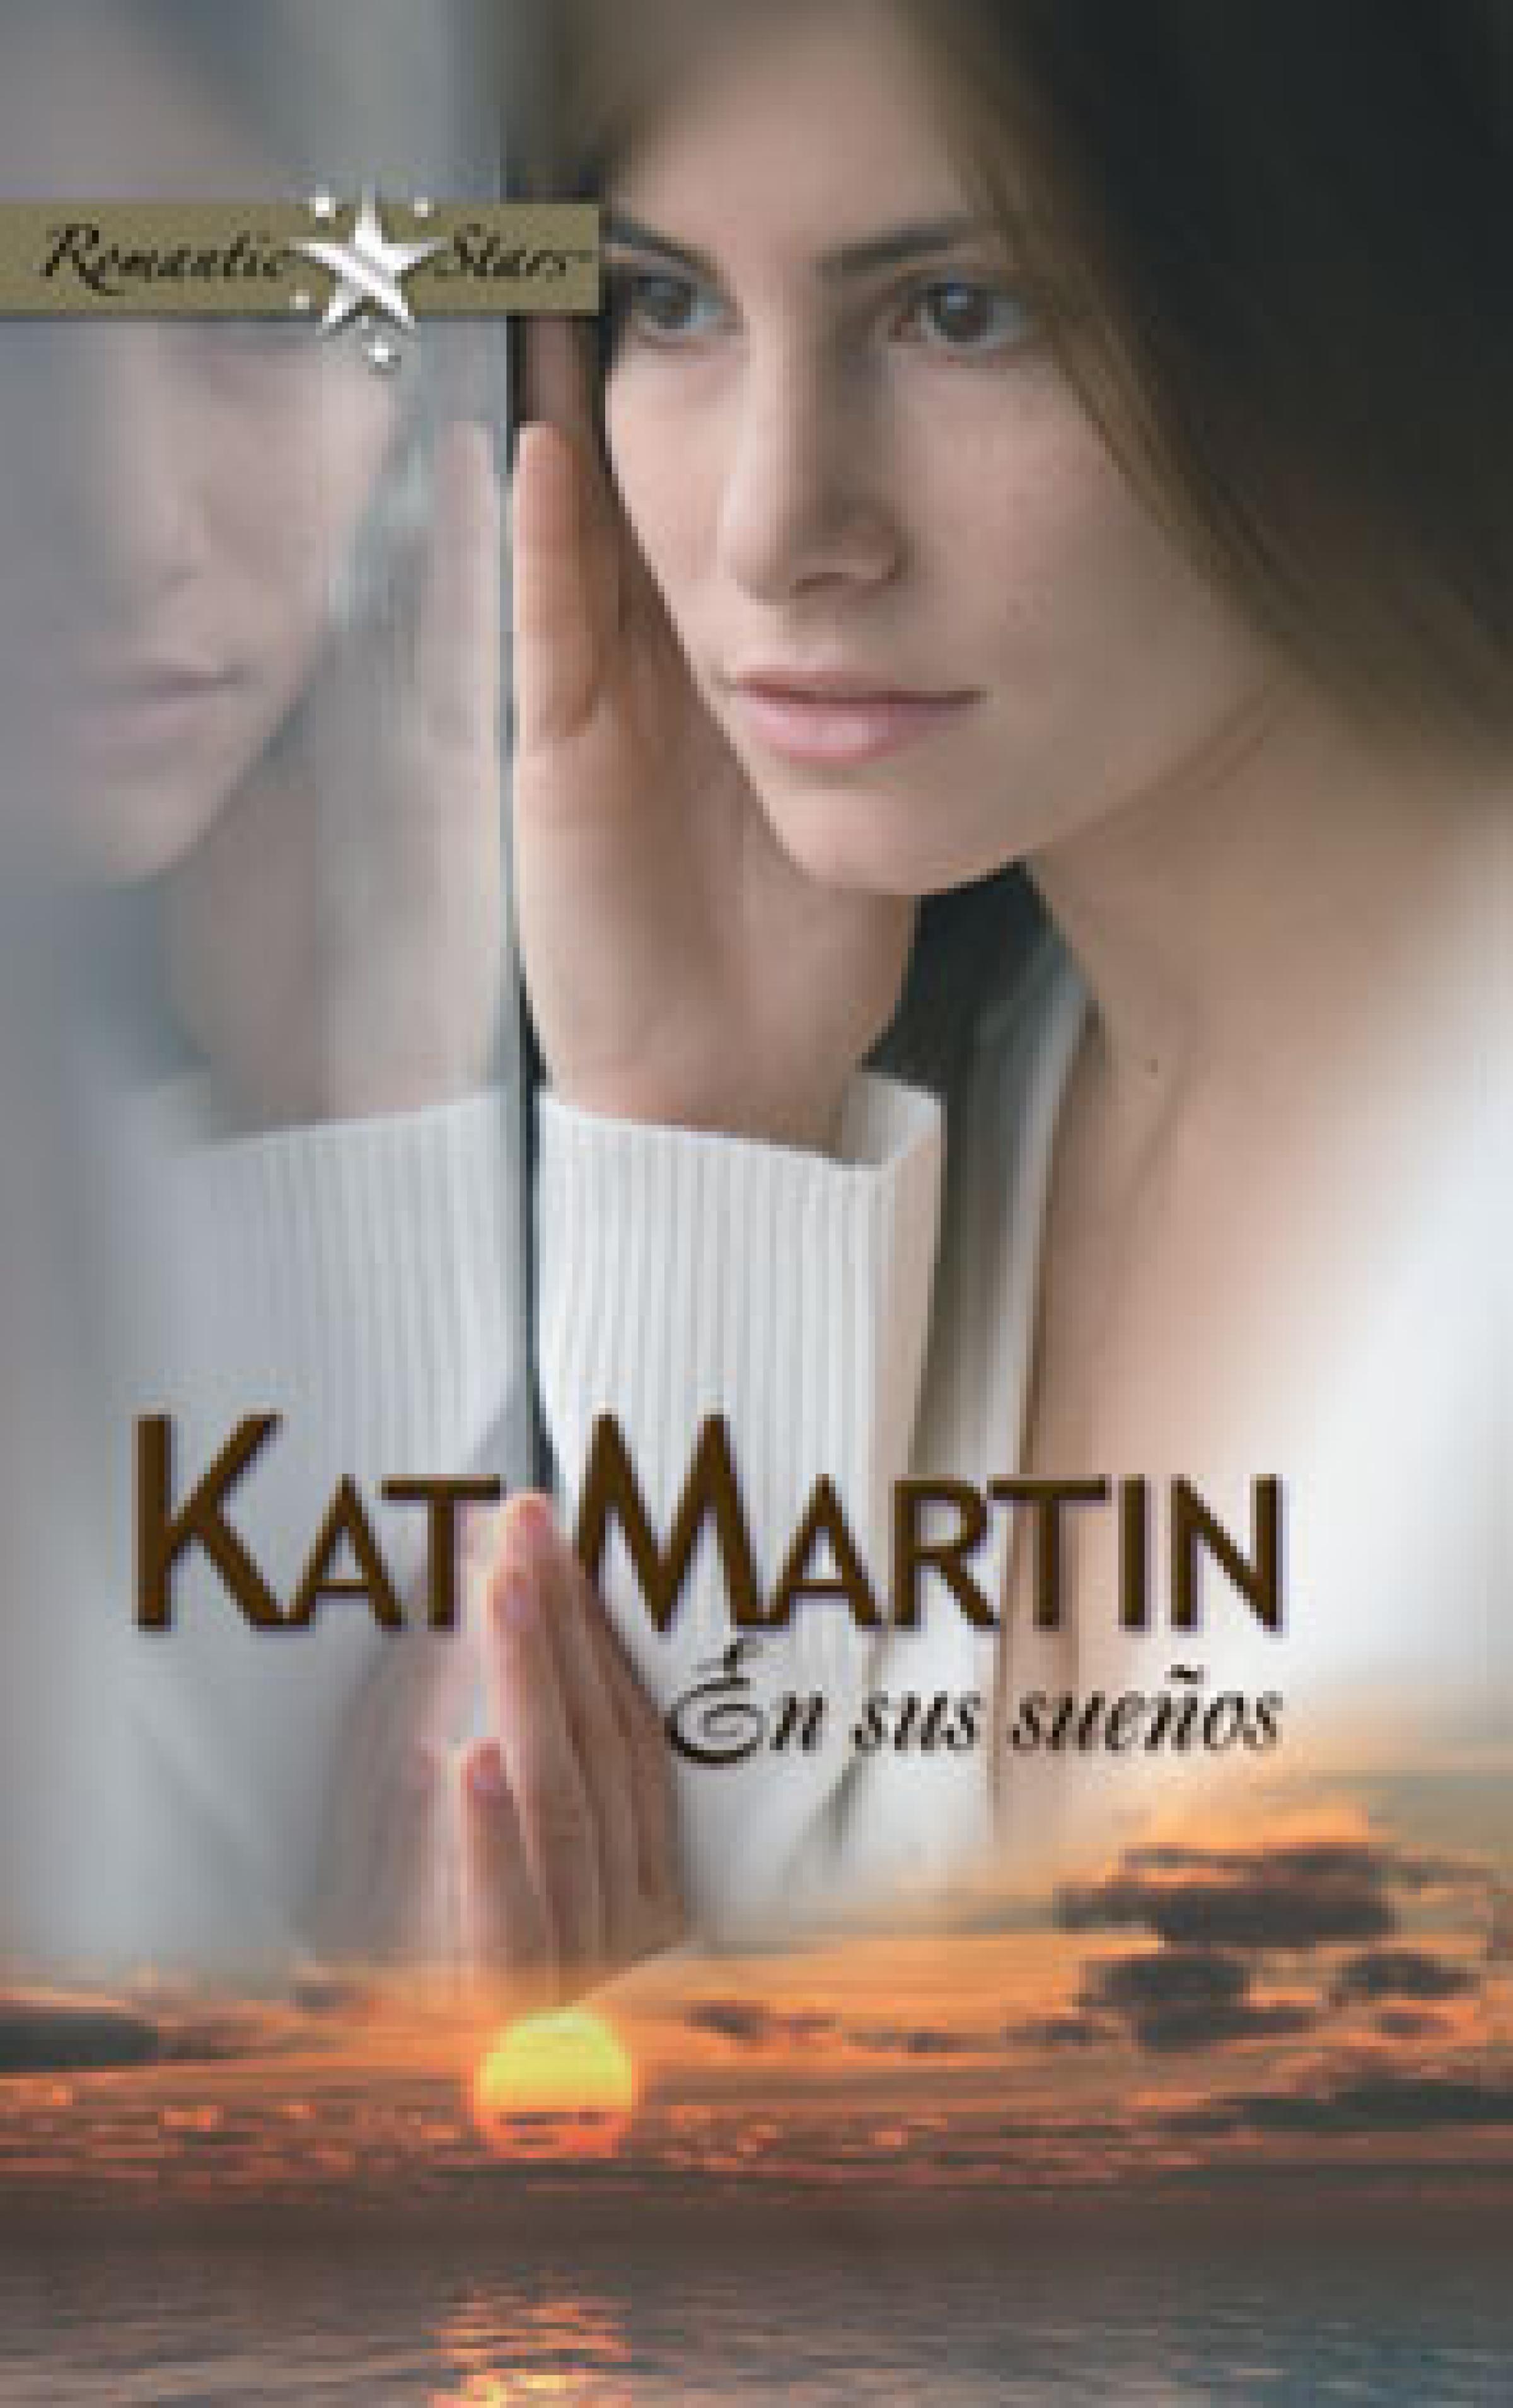 Kat Martin En sus sueños daphne clair en sueños te amaré